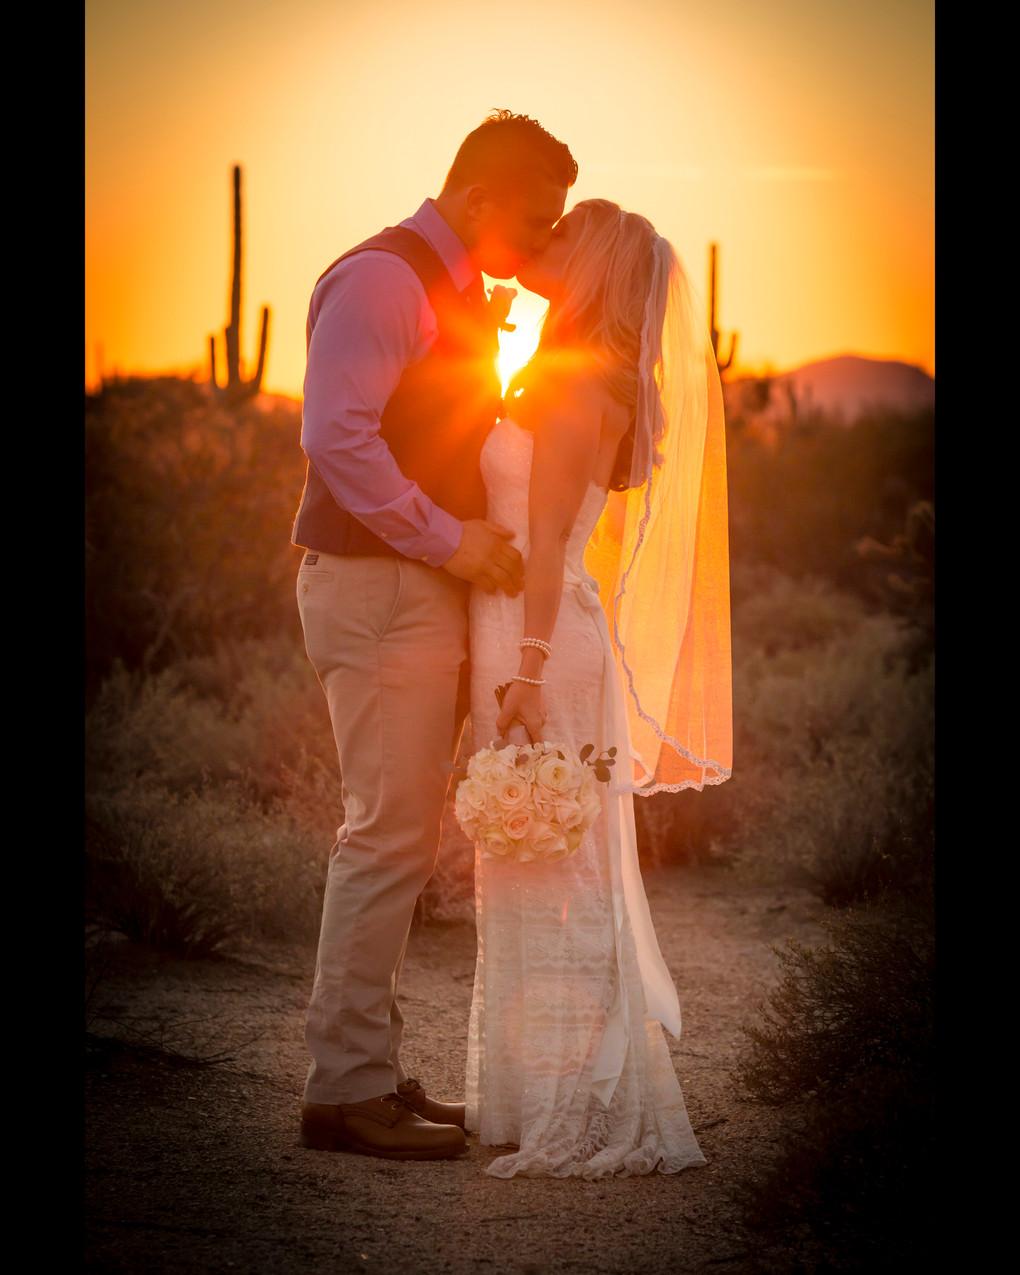 Emily and Matt kiss during sunset. Photograph by Rachel Leintz, Wedding Photographer